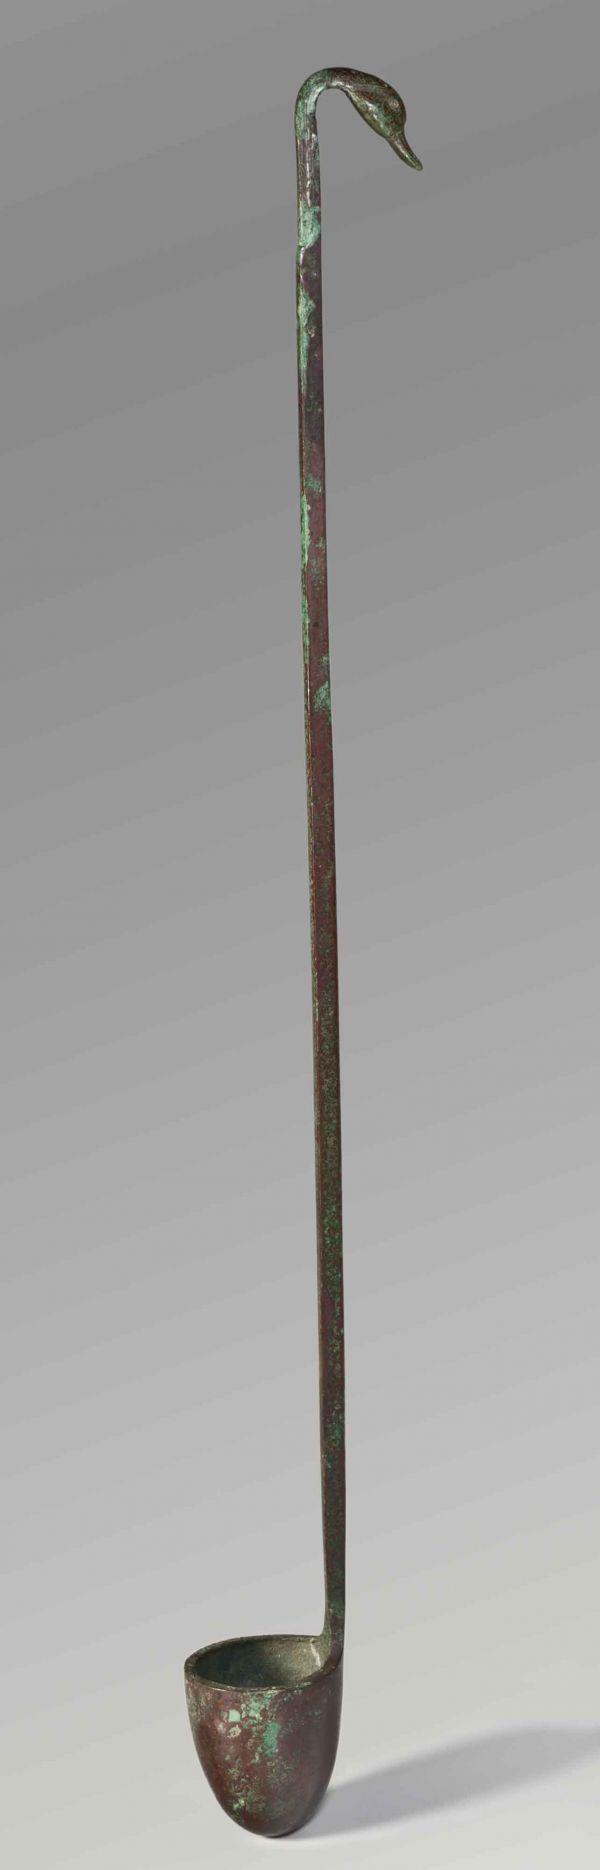 bronze-10aC72221A3-EF1C-6A7B-A0AC-438B94724365.jpg